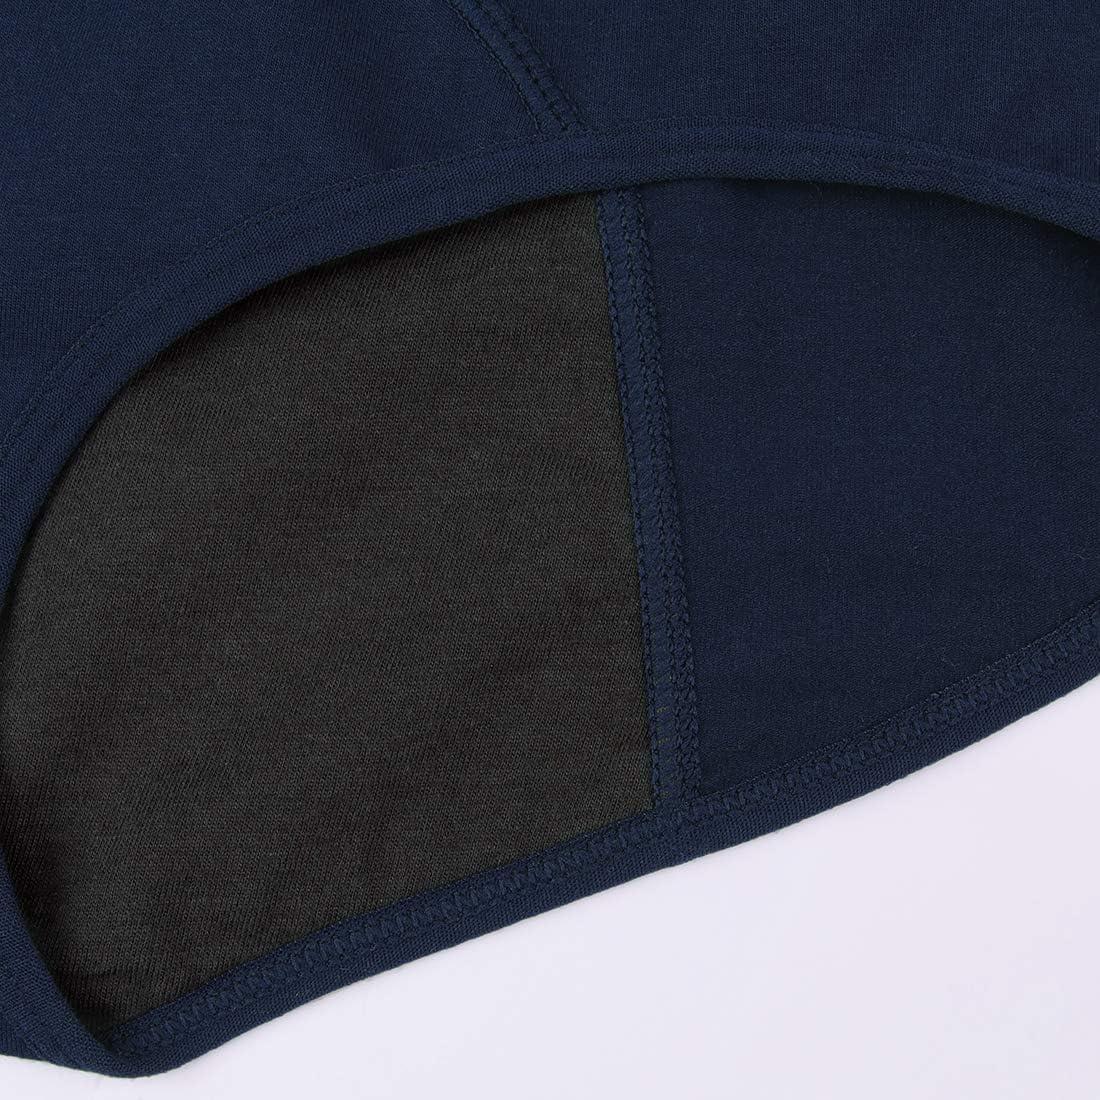 INNERSY Damen Perioden Unterw/äsche Baumwolle Auslaufsicher Menstruation Slip 3er Pack